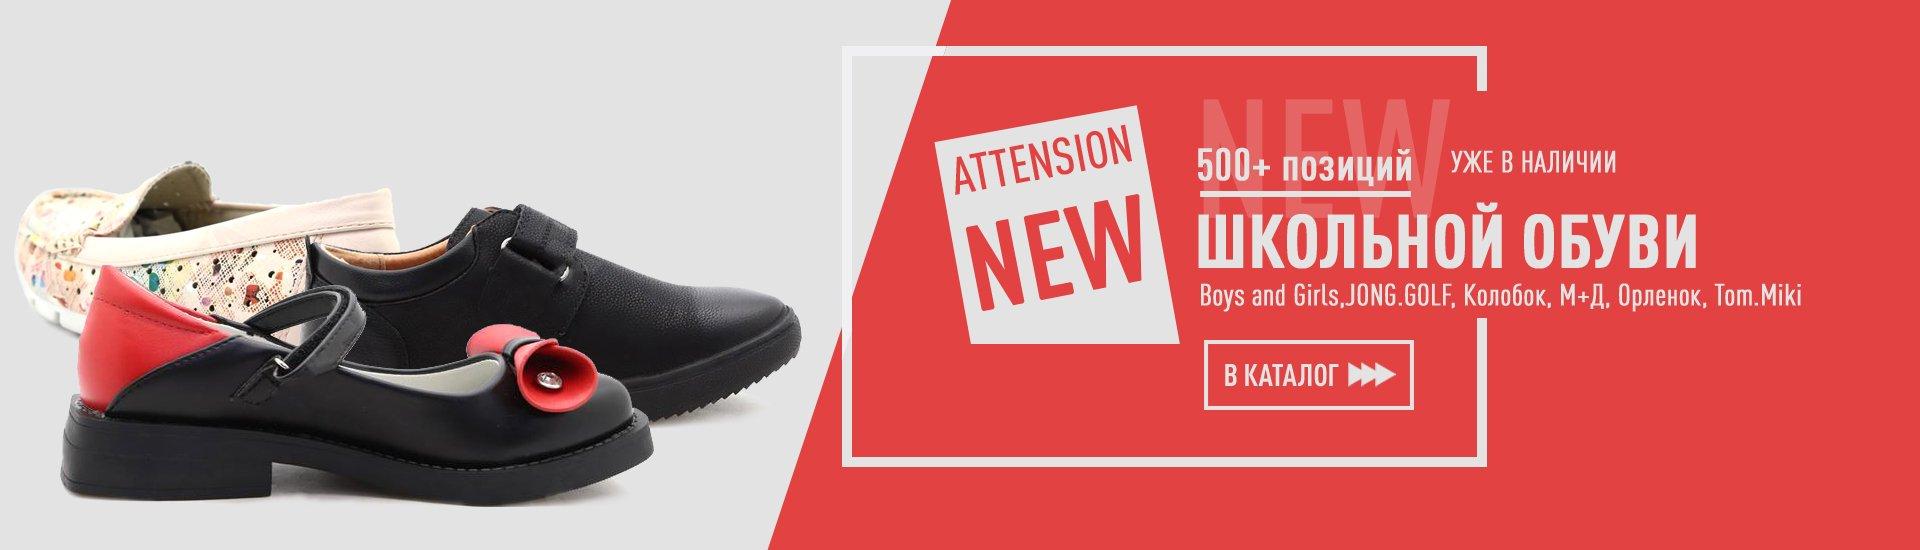 Новые модели обуви оптом для школы